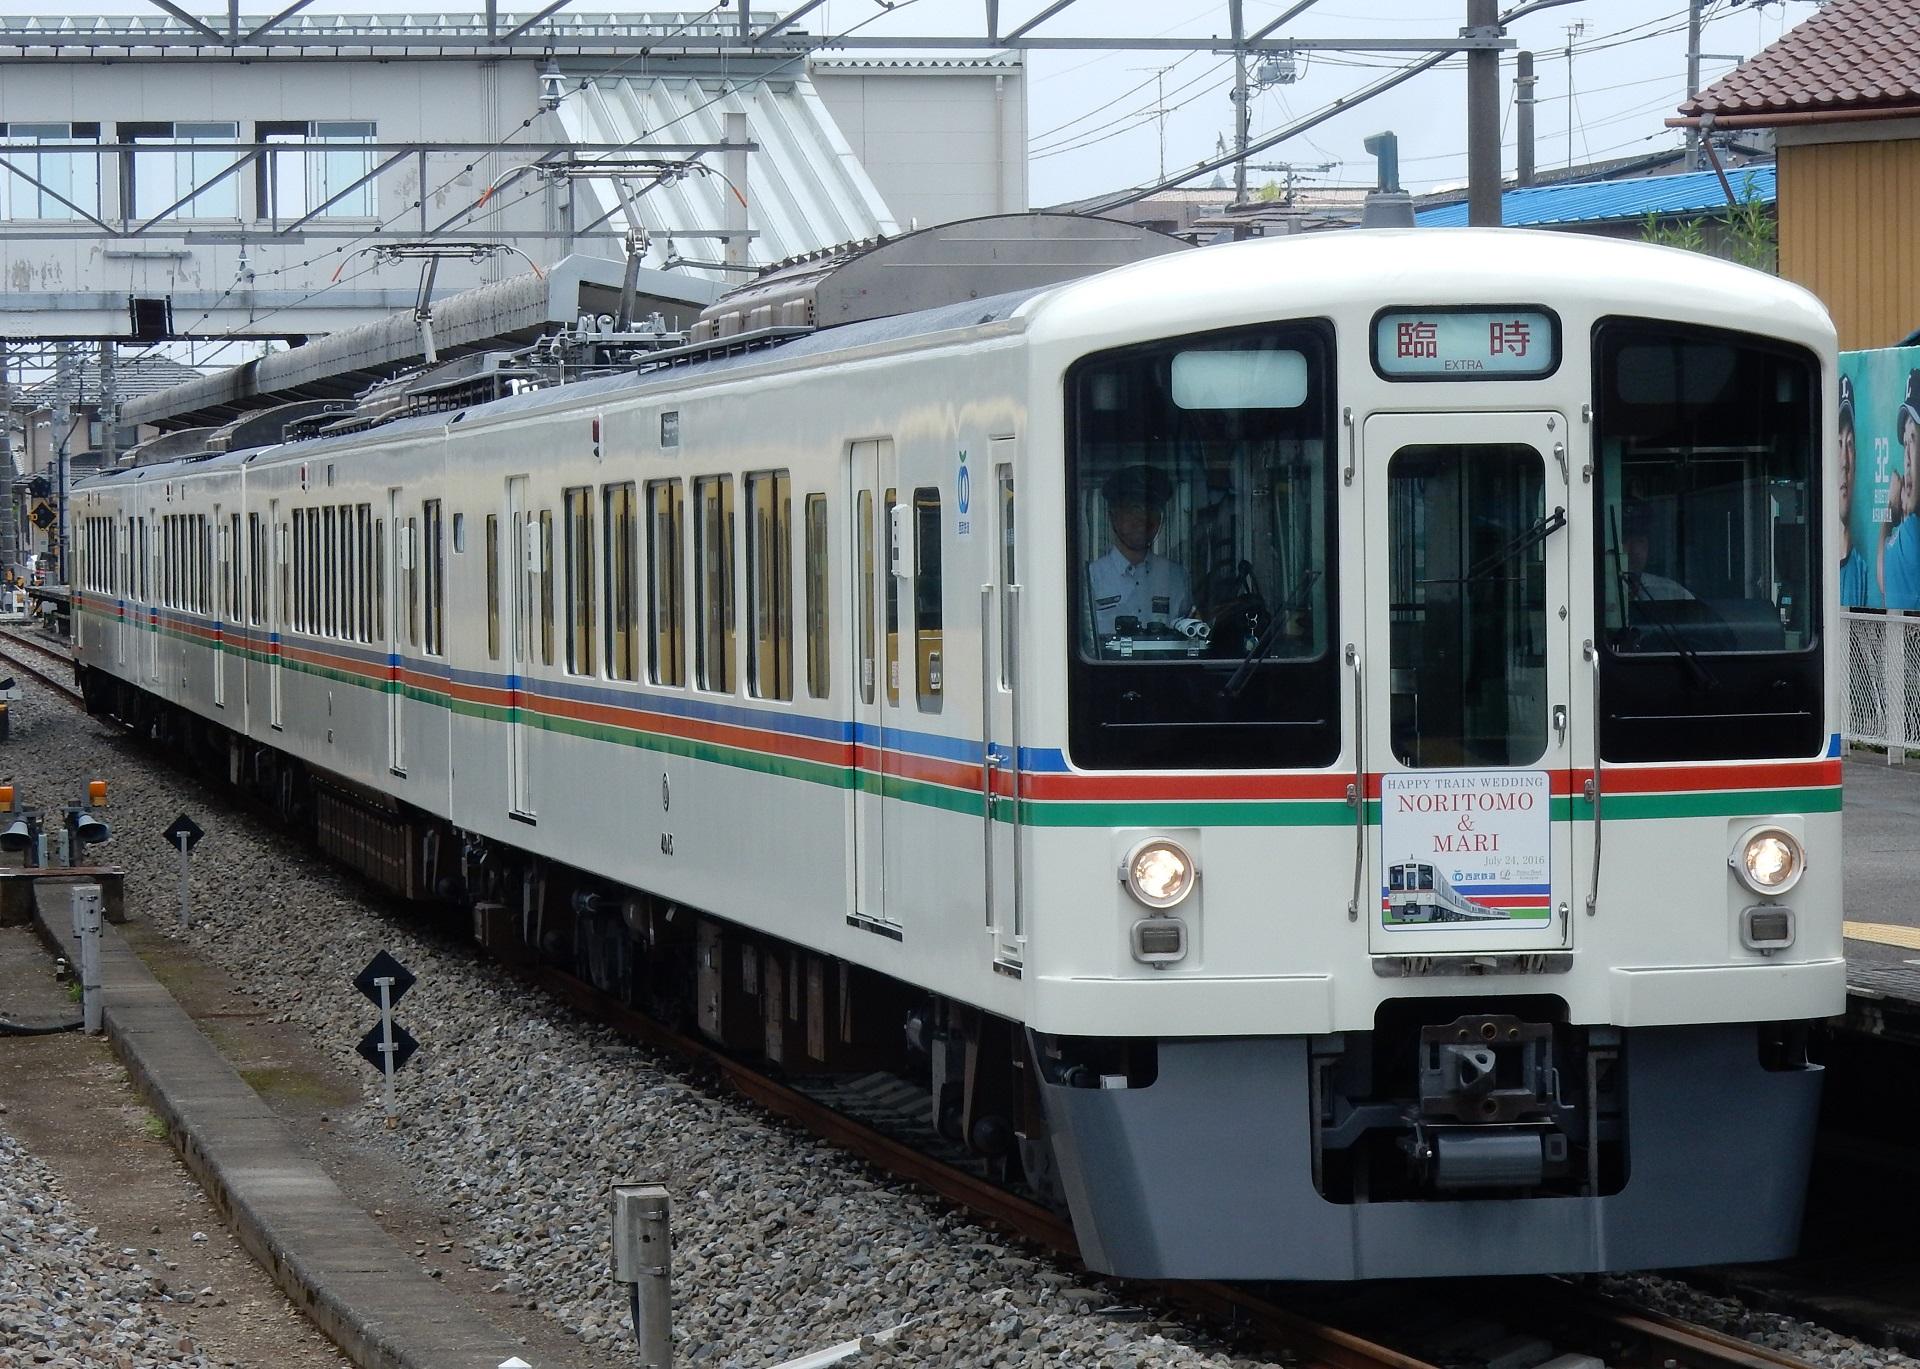 DSCN3504 - コピー